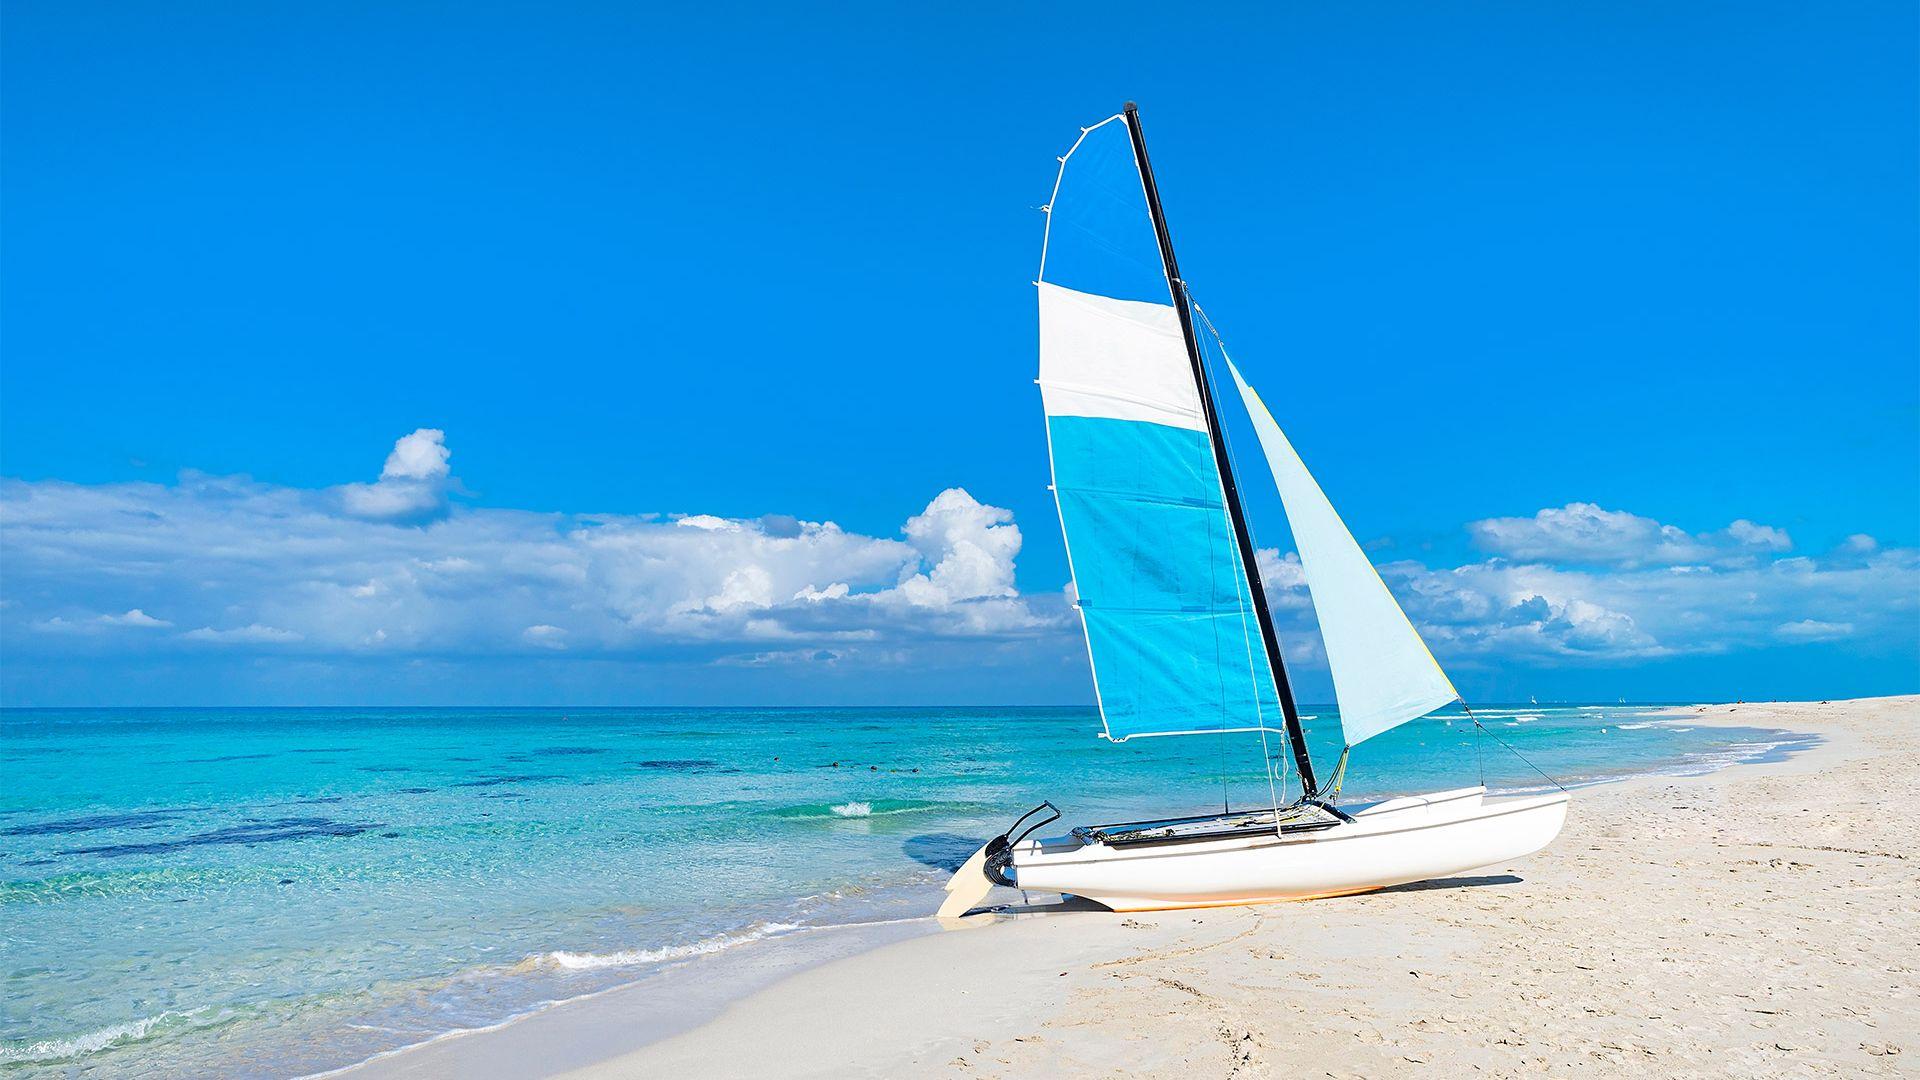 Sejur Havana & plaja Varadero, 9 zile - noiembrie 2021